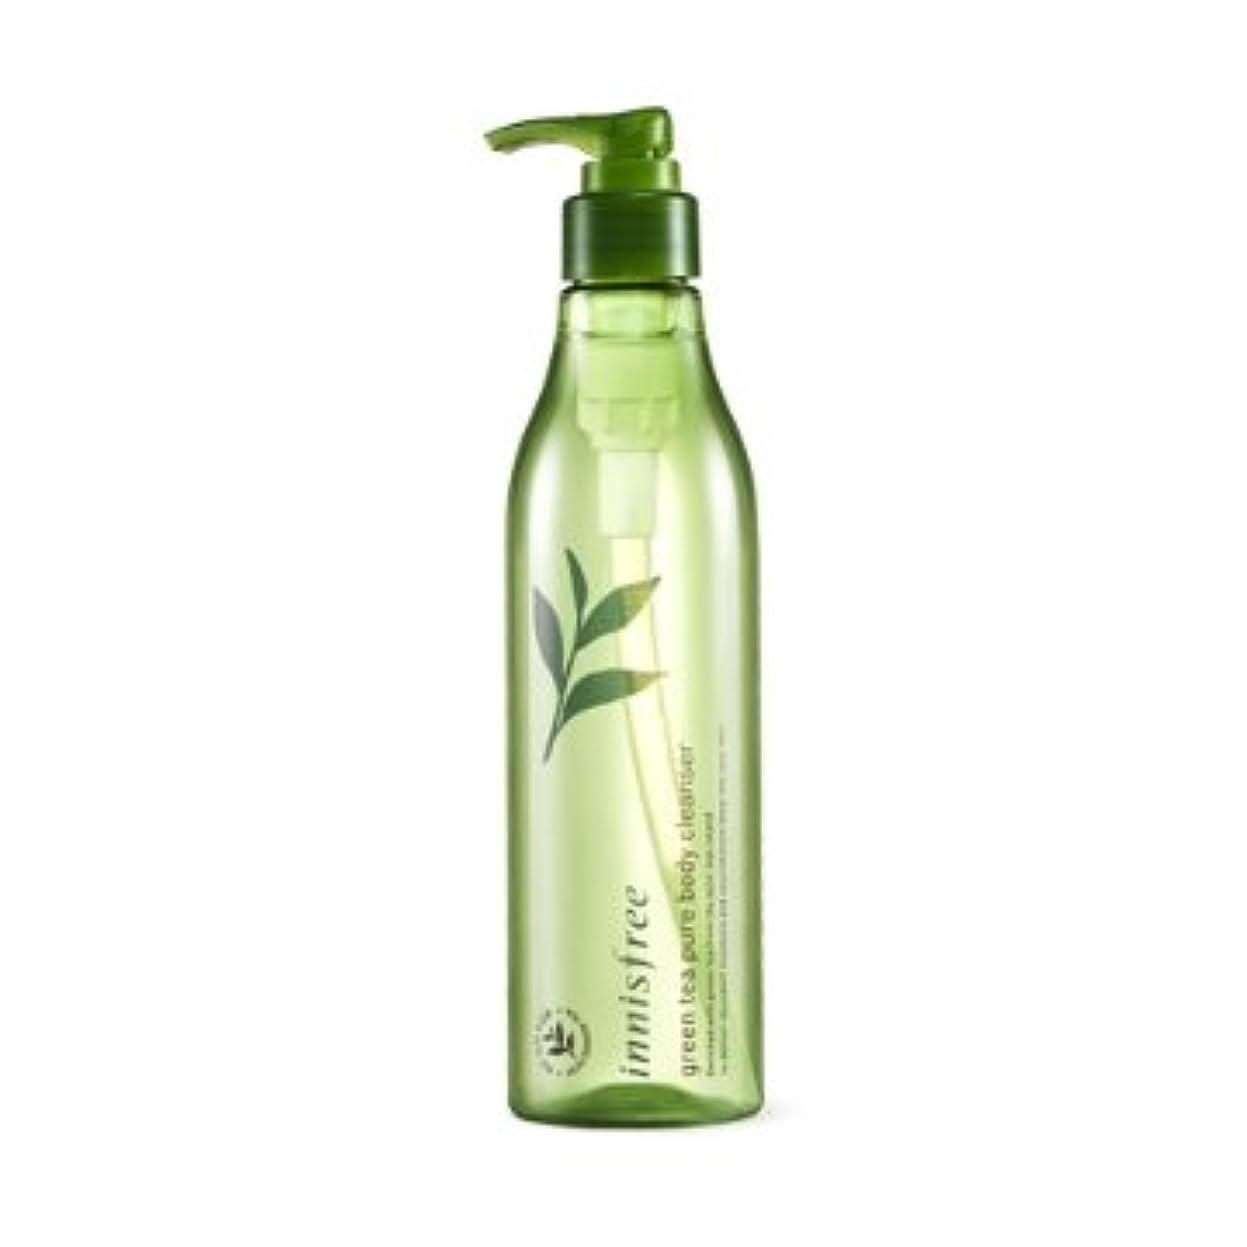 家具巡礼者関与する【イニスフリー】Innisfree green tea pure body cleanser - 300ml (韓国直送品) (SHOPPINGINSTAGRAM)